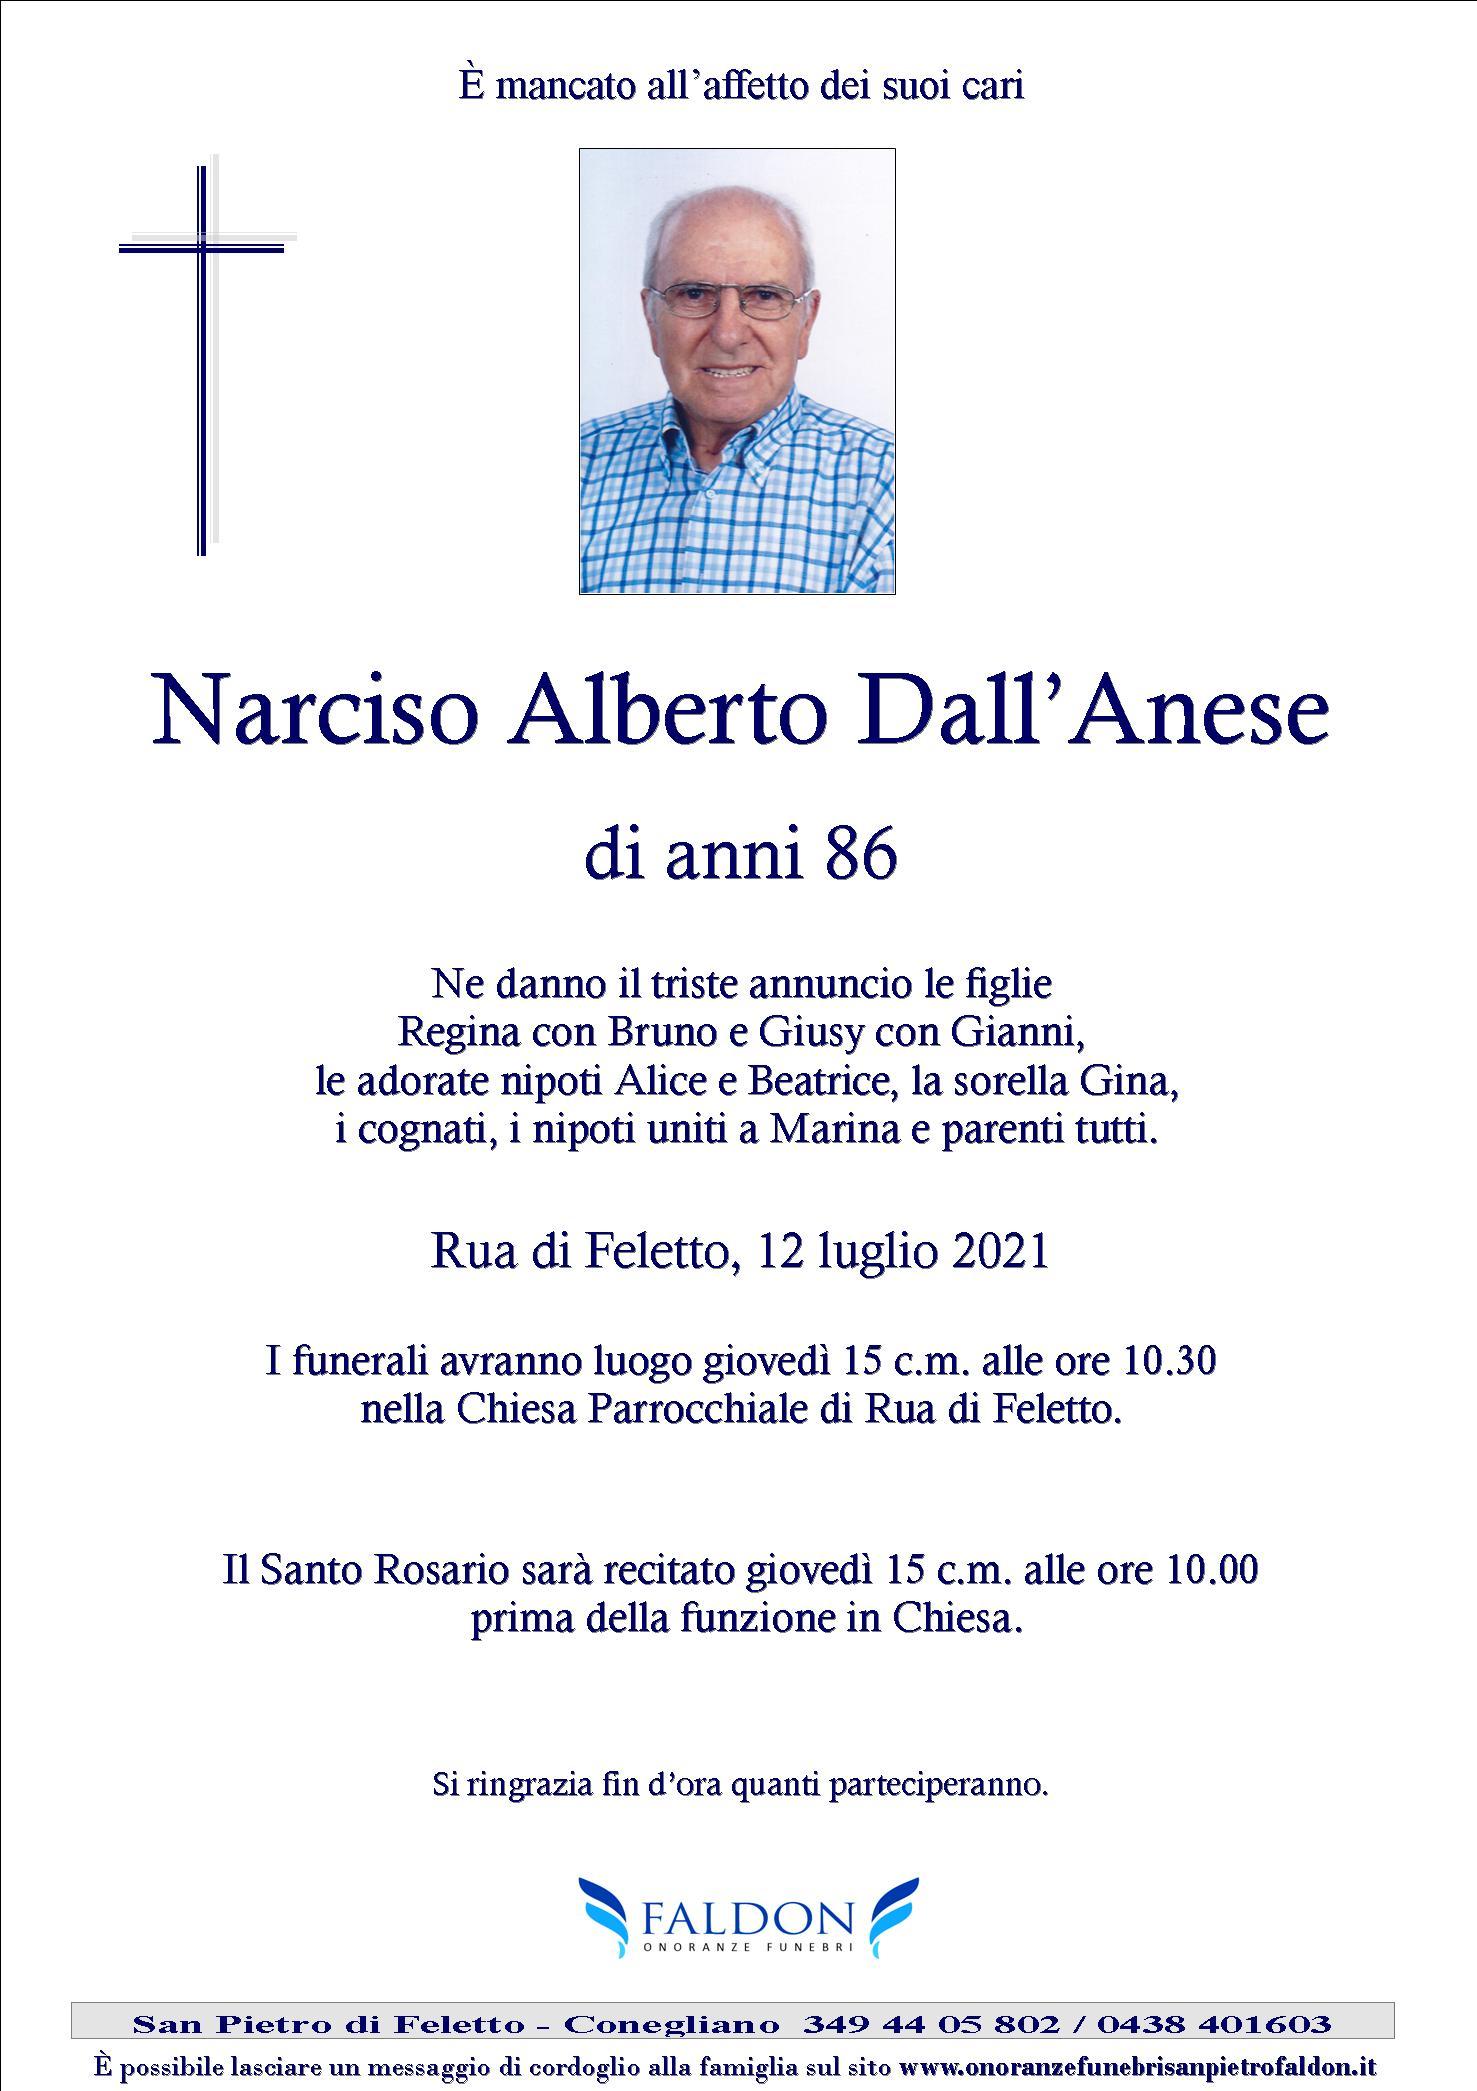 Narciso Alberto Dall'Anese